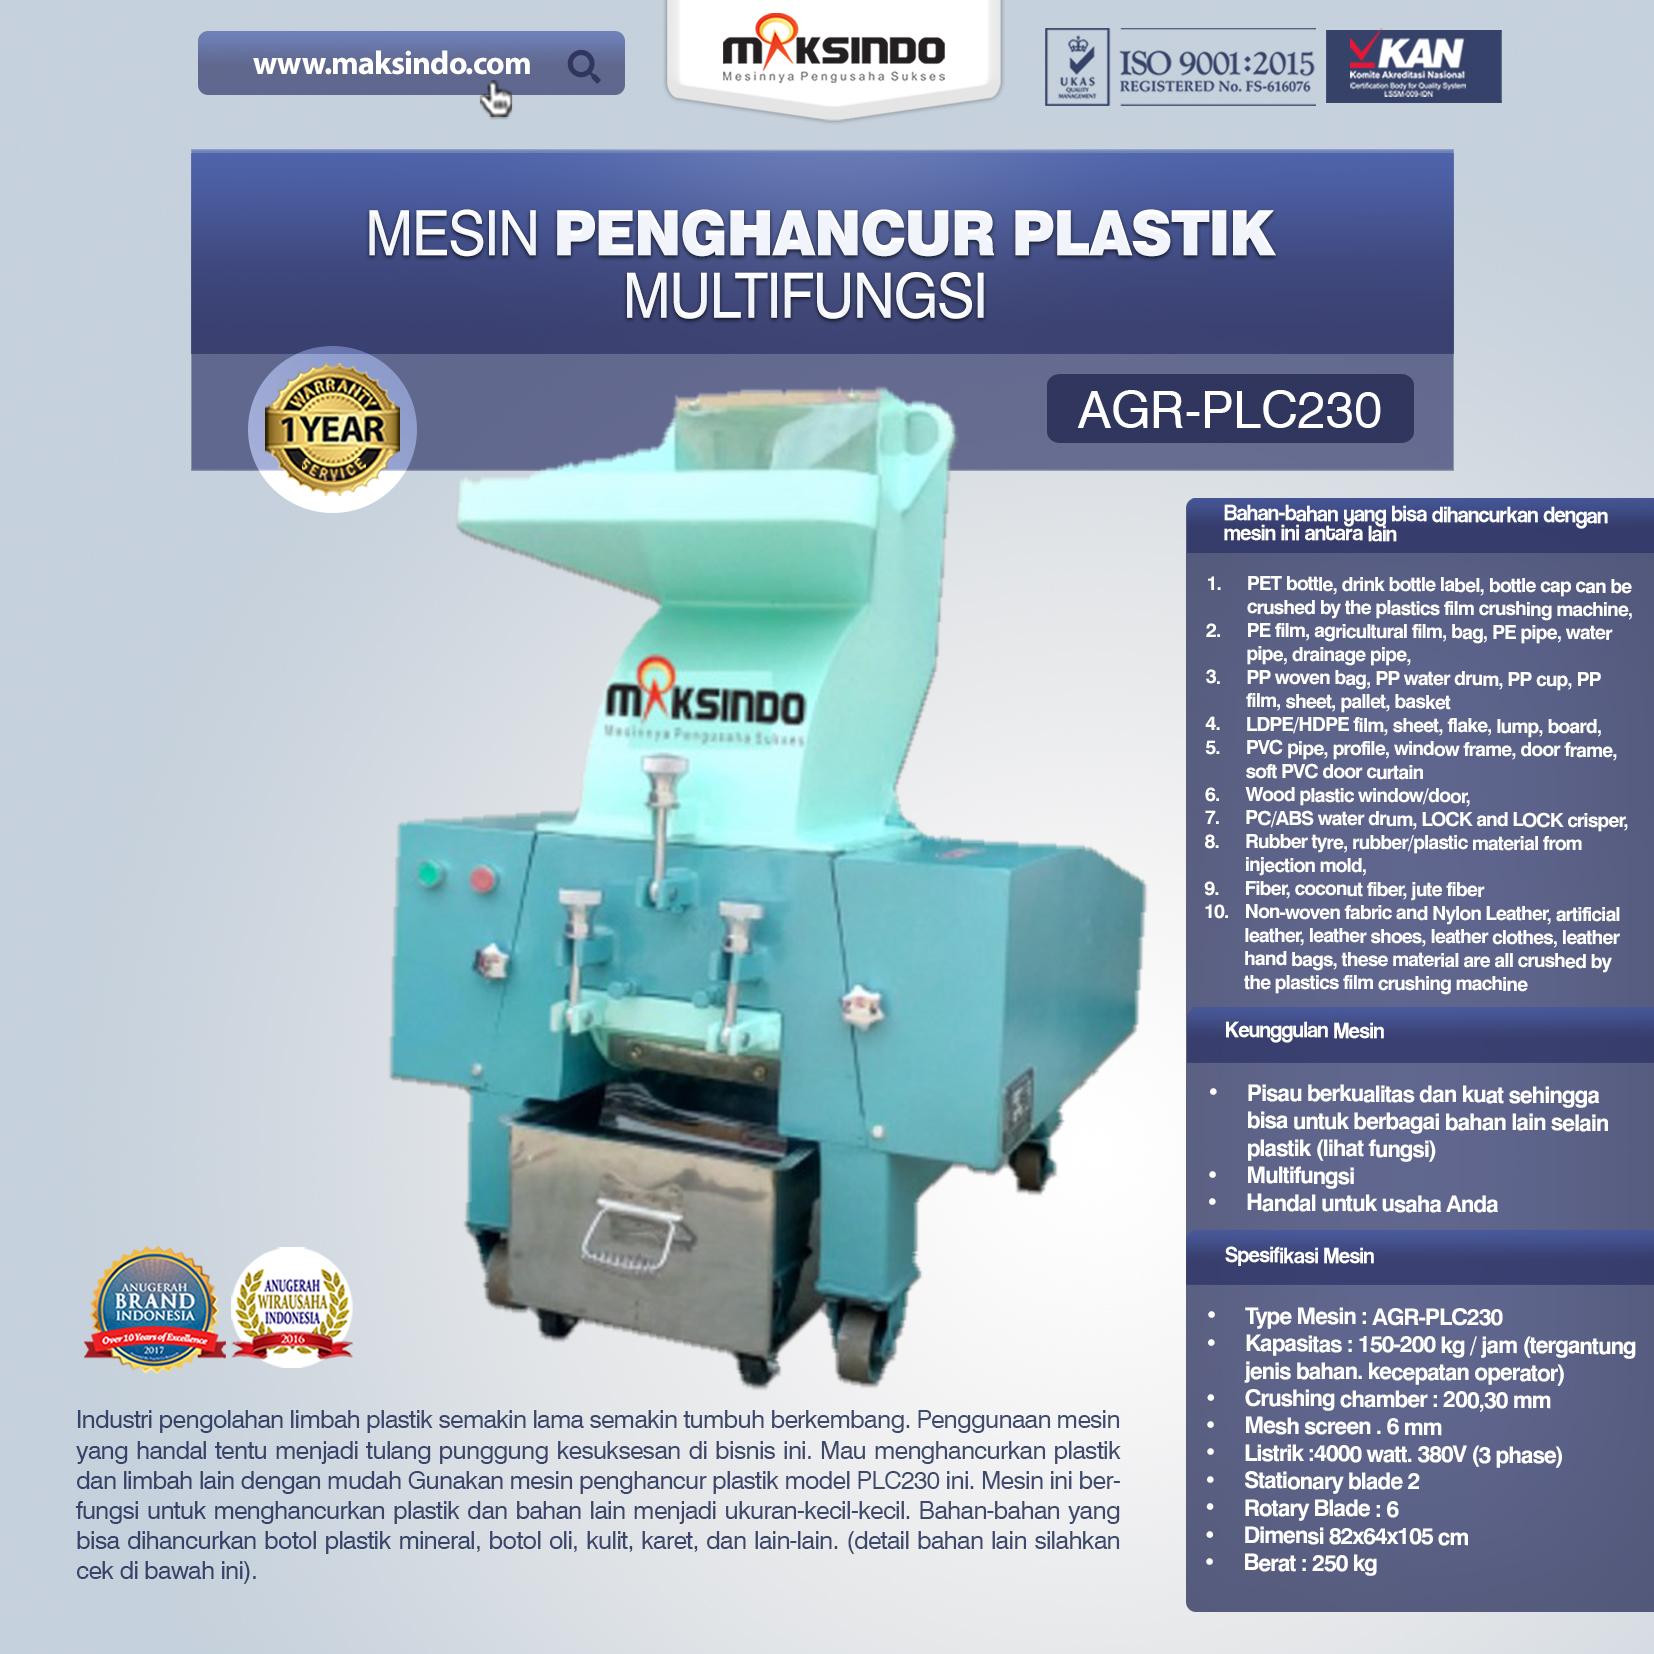 Jual Mesin Penghancur Plastik Multifungsi – PLC230 di Solo